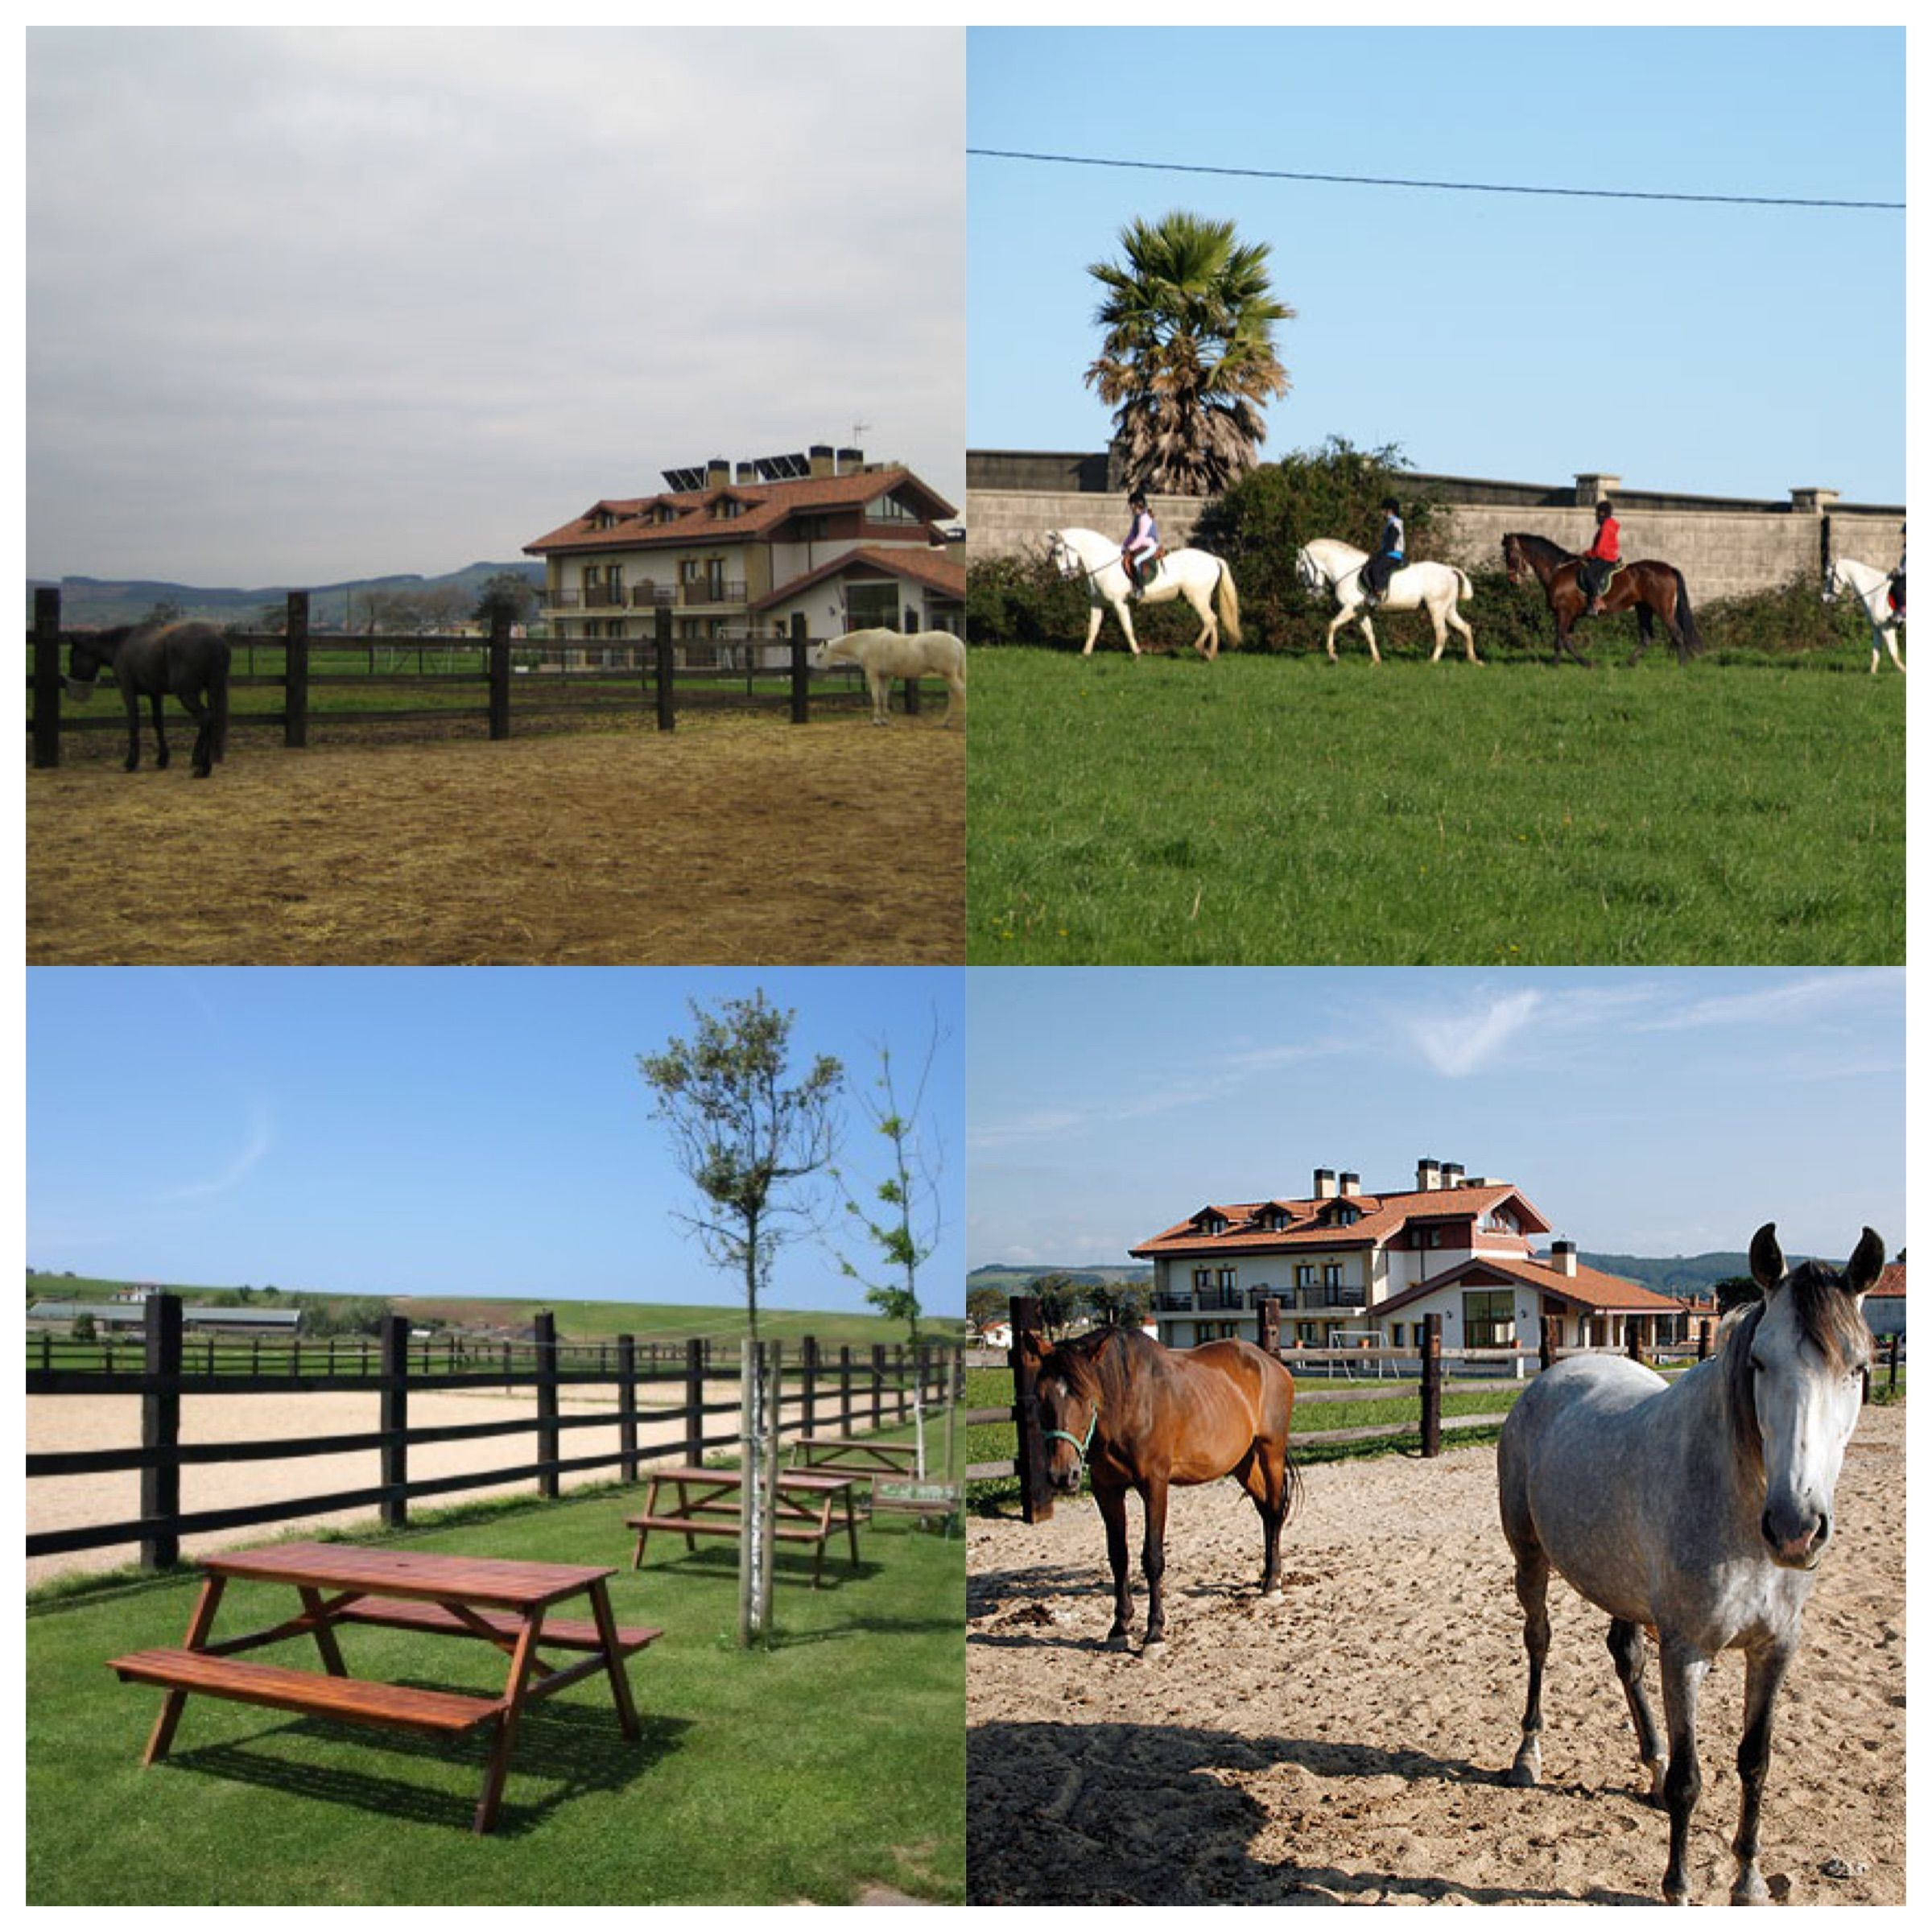 Picadero y clases de montar a caballo en Rancho Santa Geronima